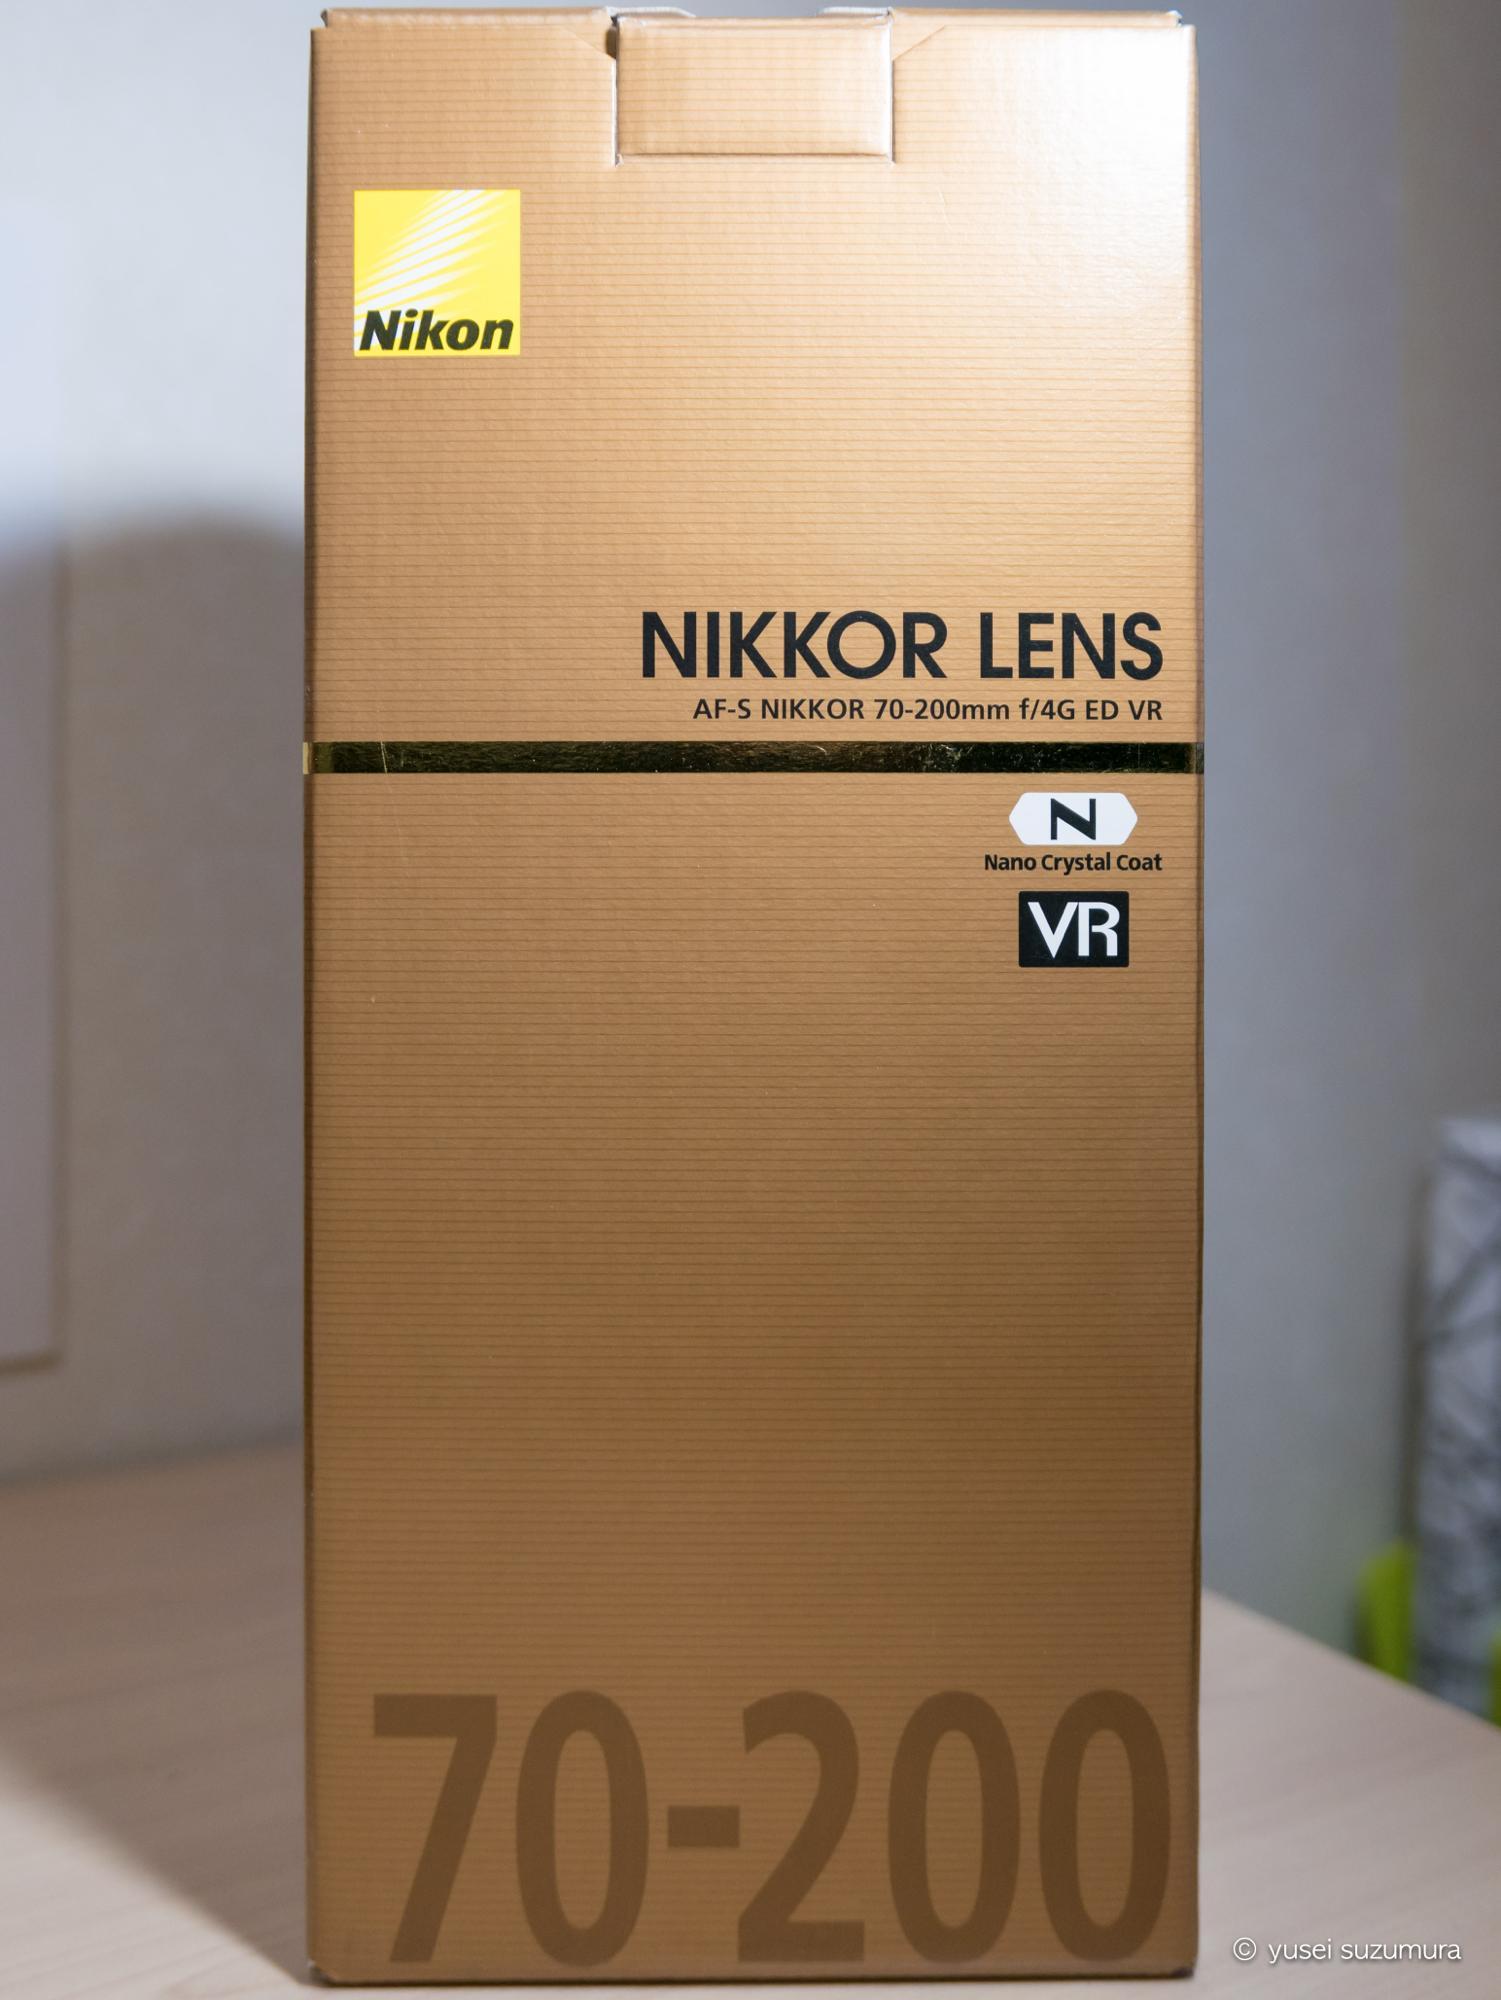 AF-S NIKKOR 70-200mm f/4G ED VRの箱